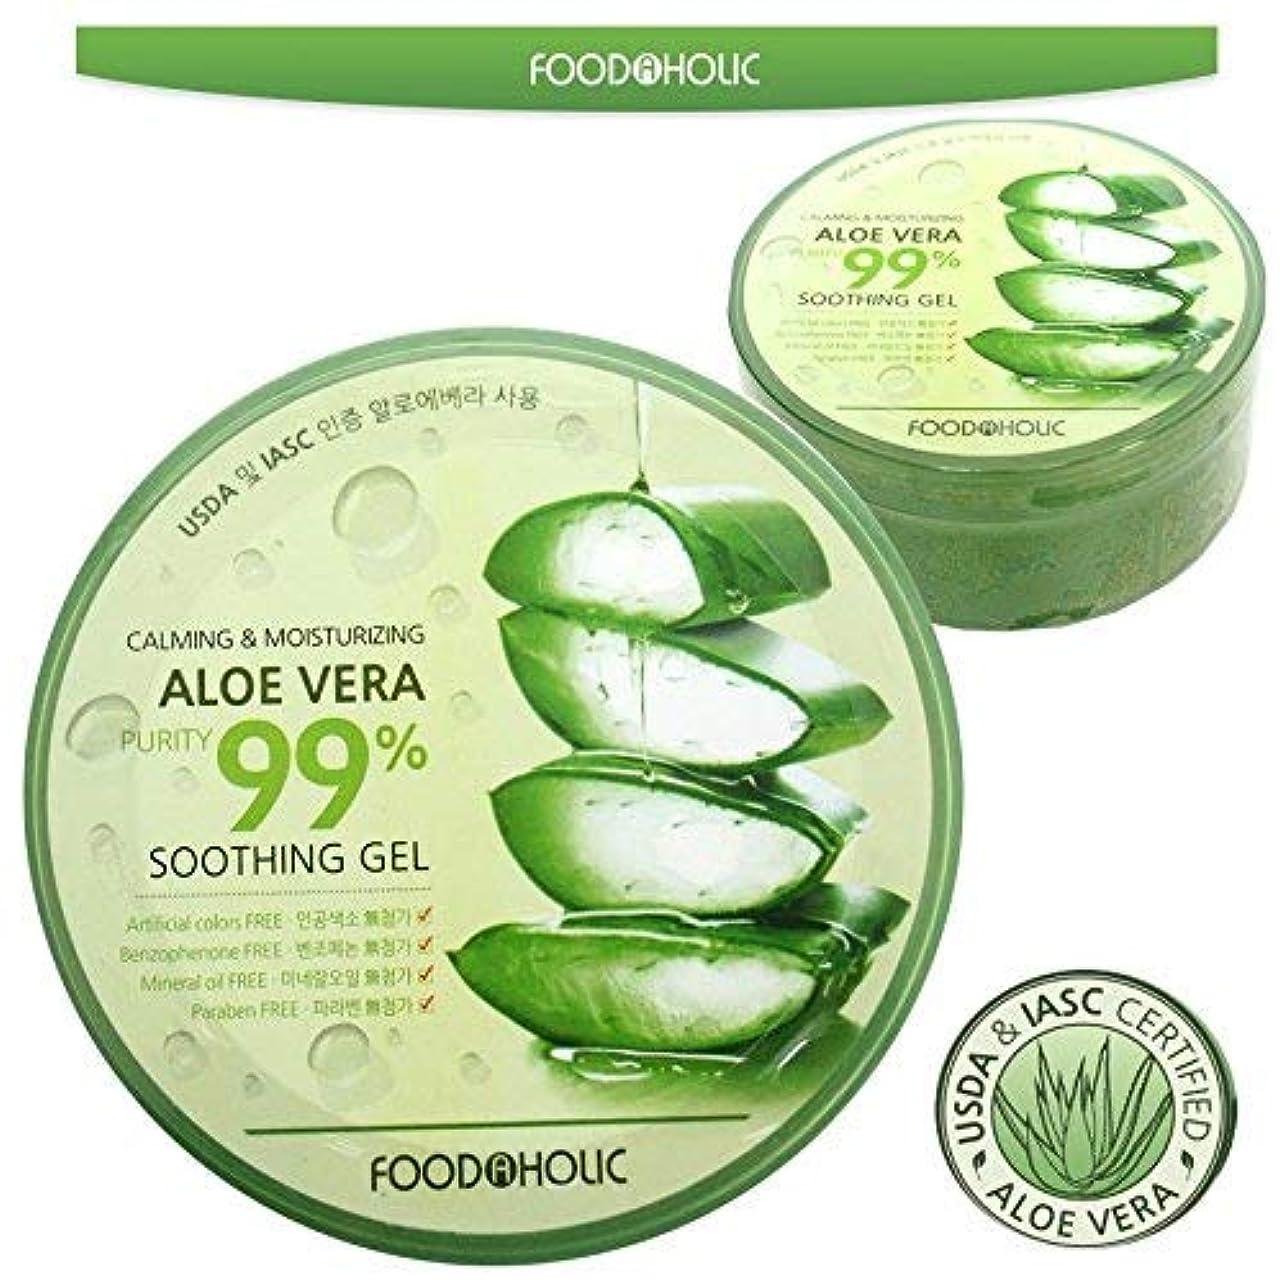 学校教育提供で出来ている[FOOD A HOLIC] 穏やかな&保湿アロエベラ純度は99%スージングジェル(300ml * 1EA) / Calming & Moisturizing Aloe Vera Purity 99% Soothing...